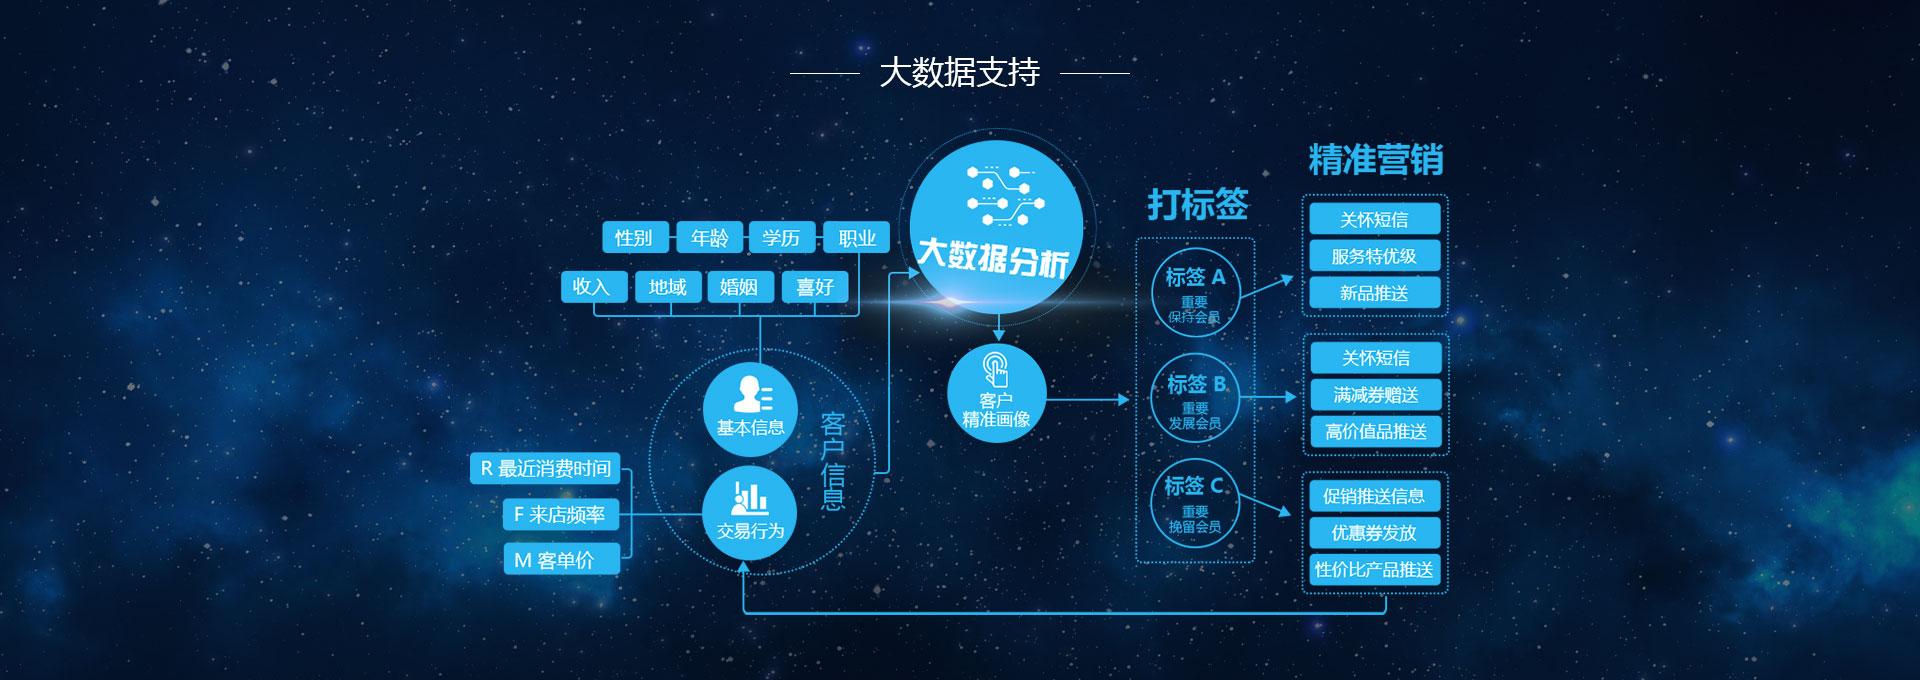 杭州小尖科技有限公司店易加大数据功能解析模块